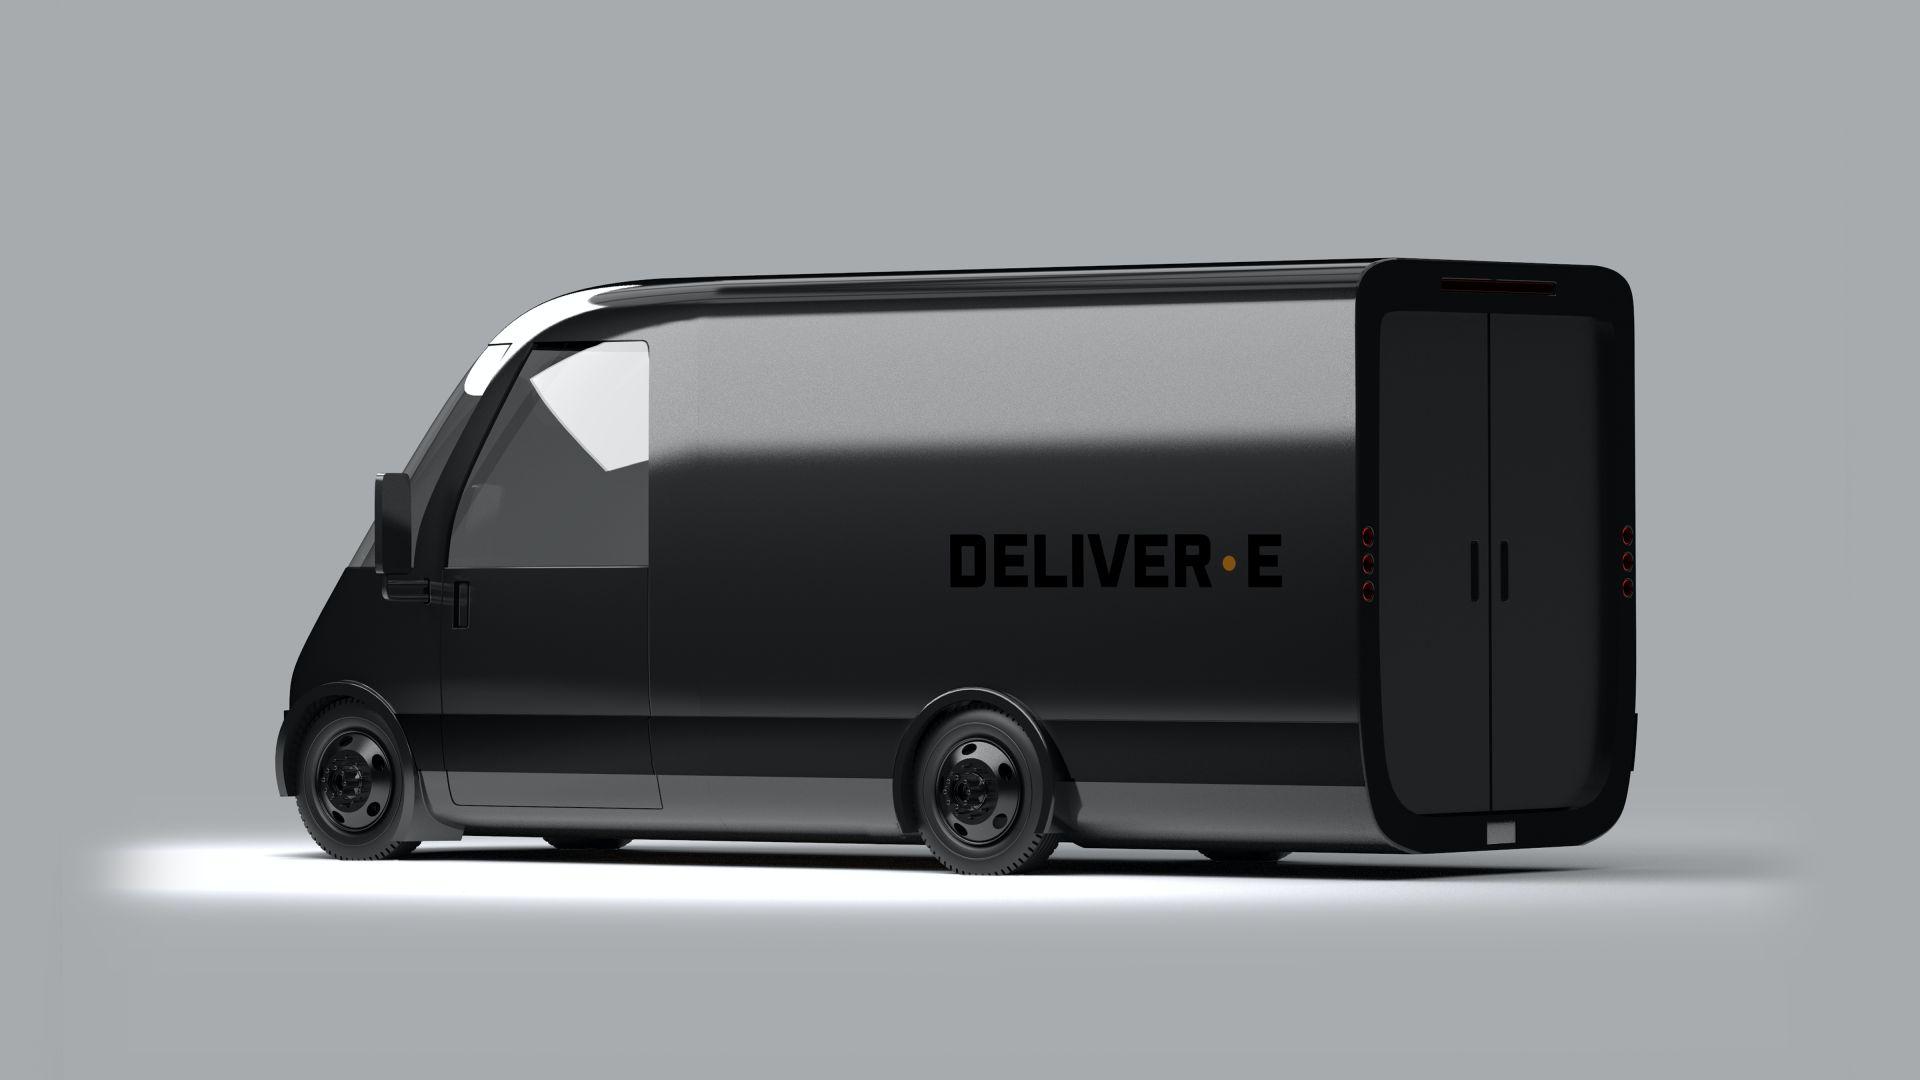 Bollinger-Deliver-E-van-5